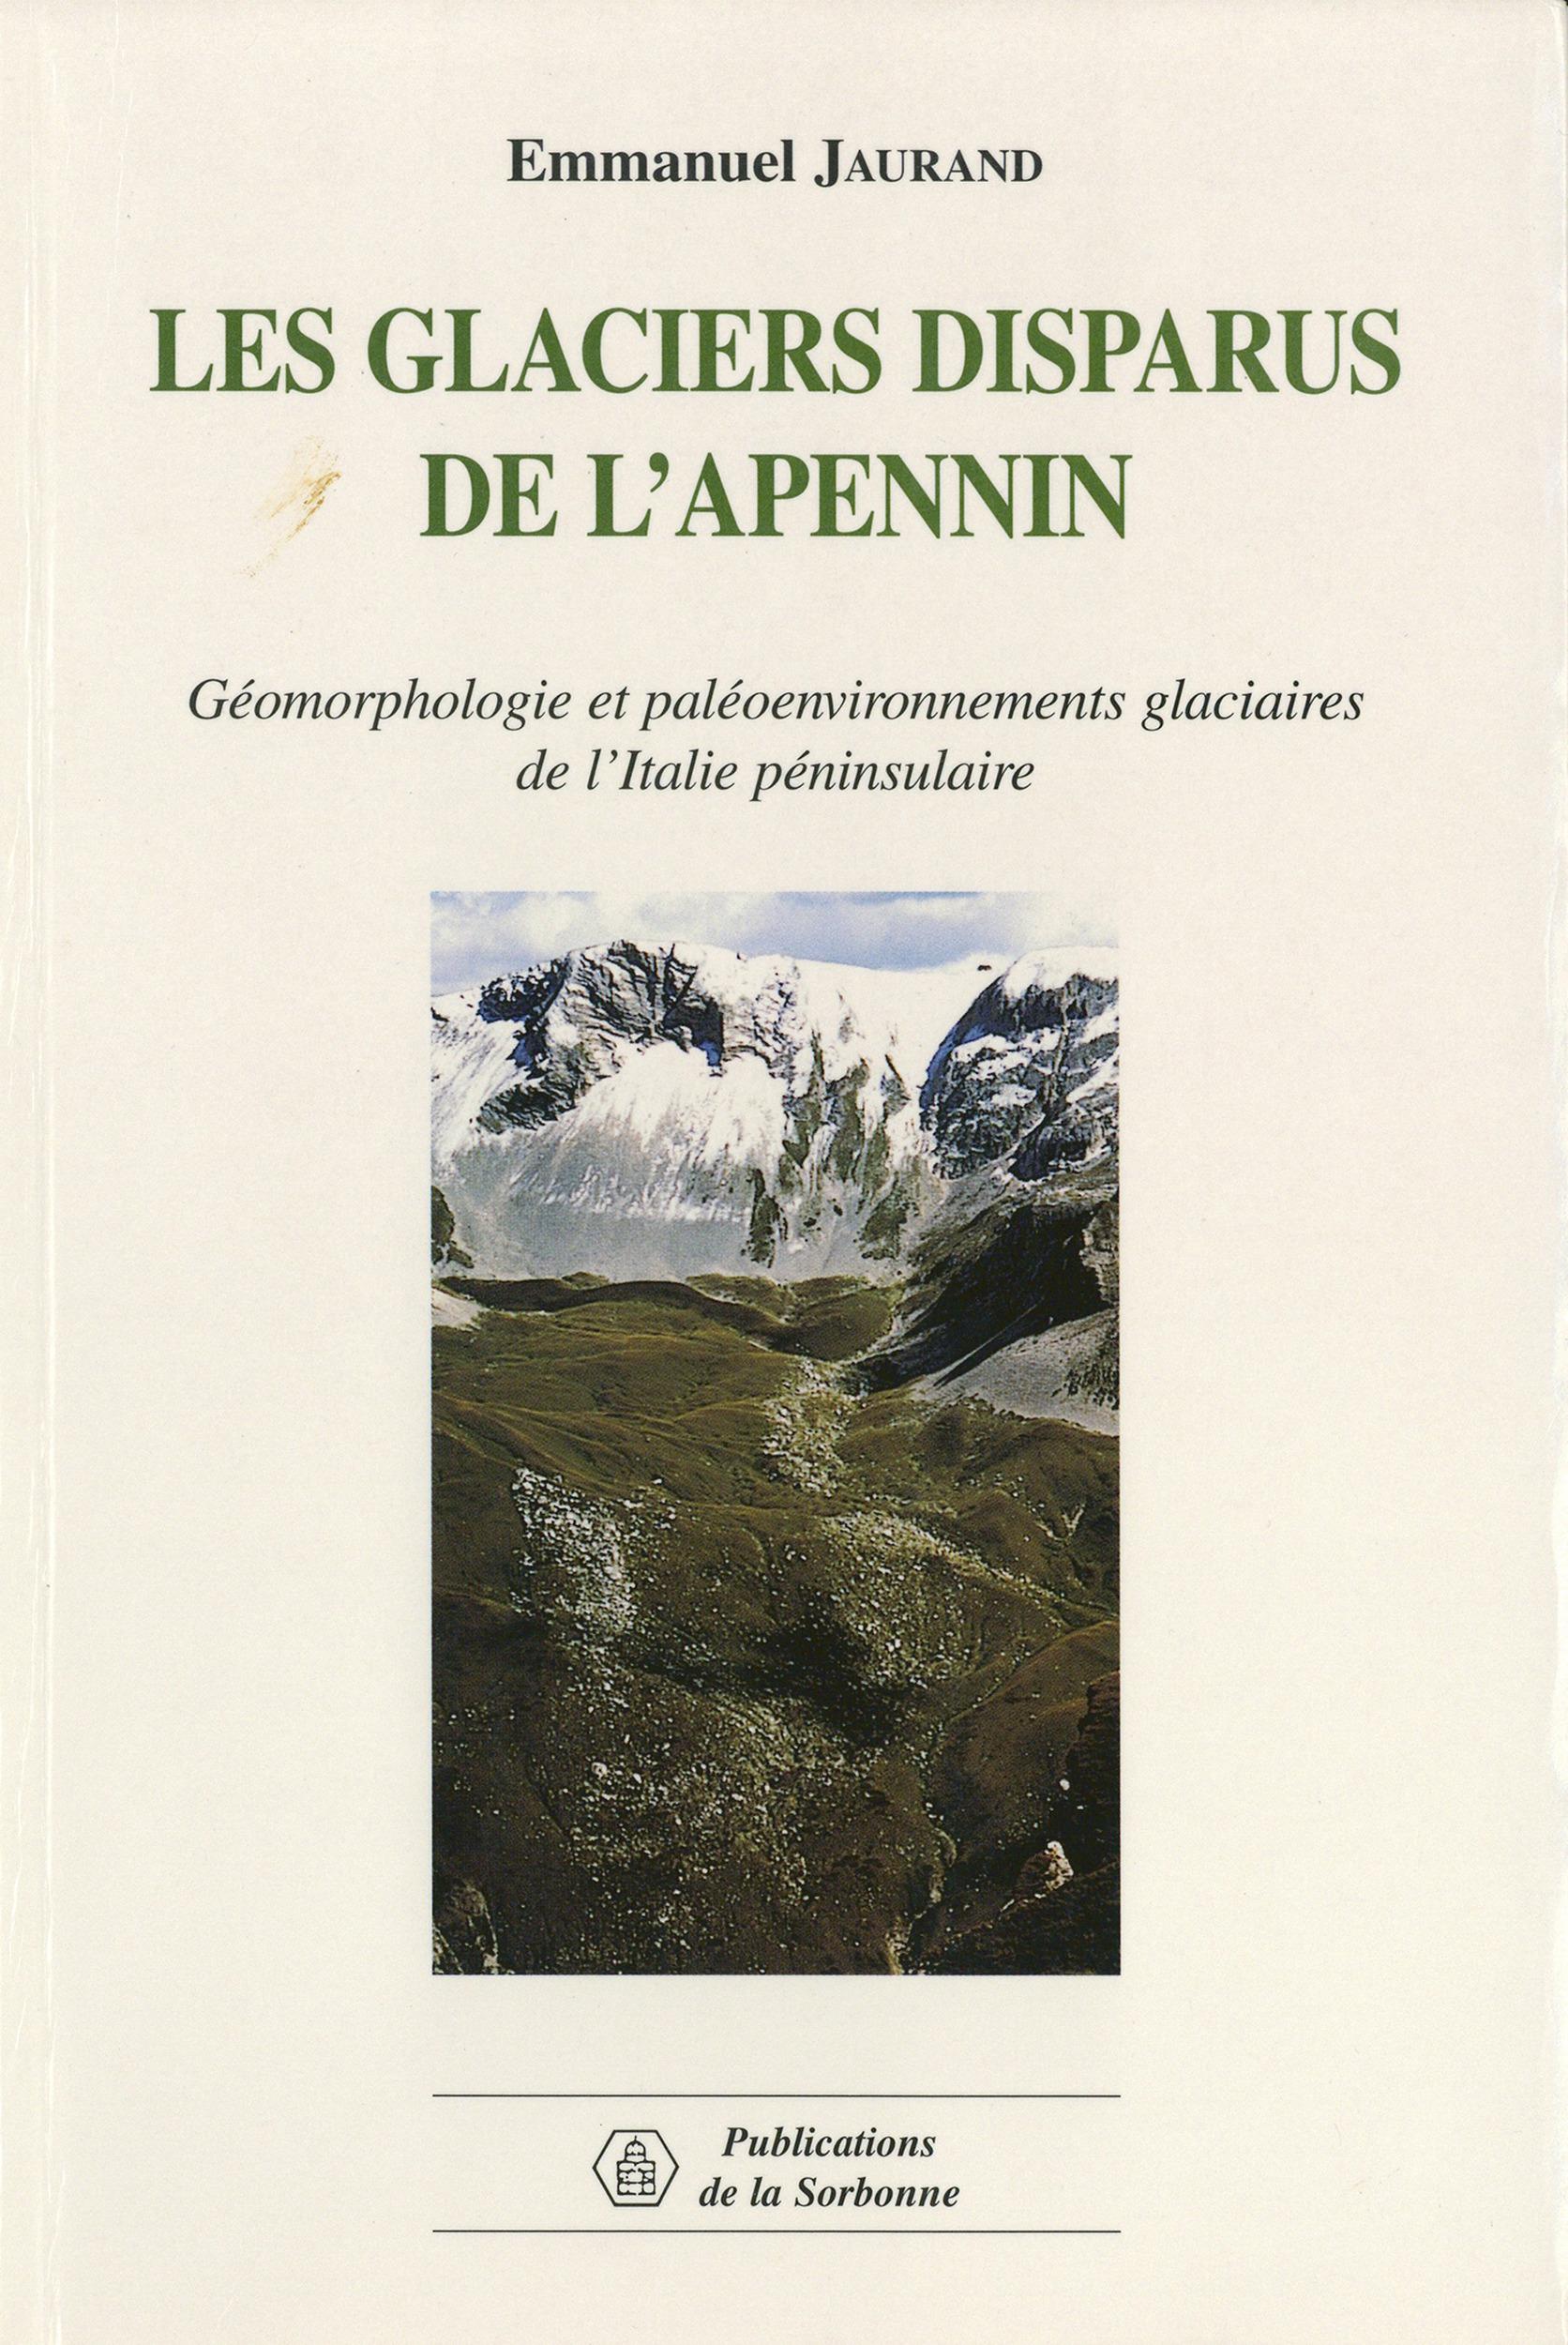 Les glaciers disparus de l'apennin. geomorphologie et paleoenvironnem ents glaciaires de l'italie pe